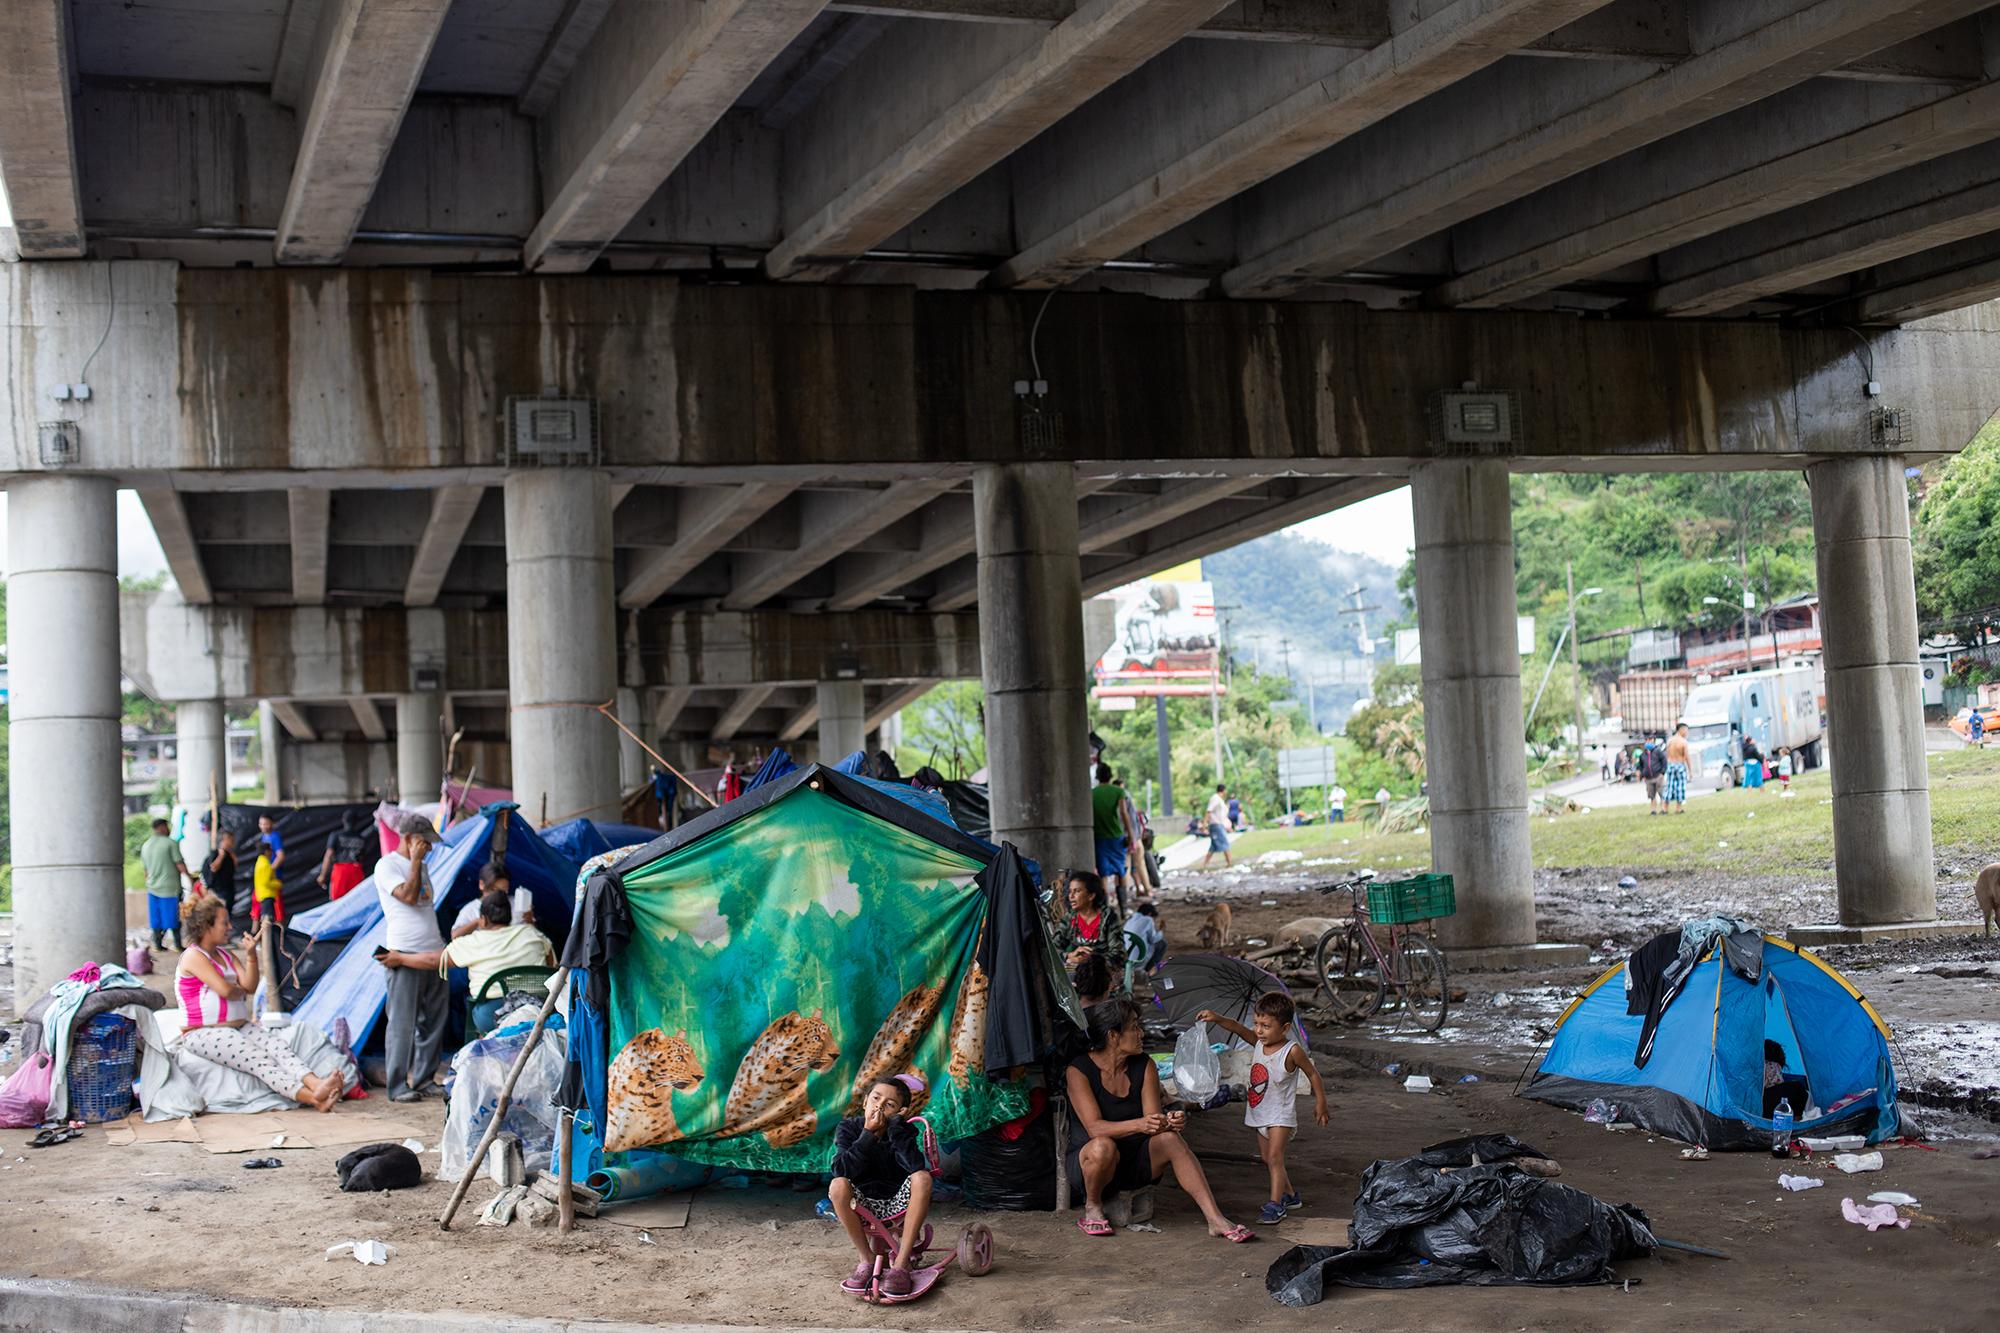 Al menos unas 350 familias se han refugiado bajo el puente de la salida a occidente, luego de las inundaciones provocadas por las tormentas tropicales Eta e Iota que devastaron el sector de Chamelecón. San Pedro Sula, 21 de noviembre de 2020. Foto: Martín Cálix.